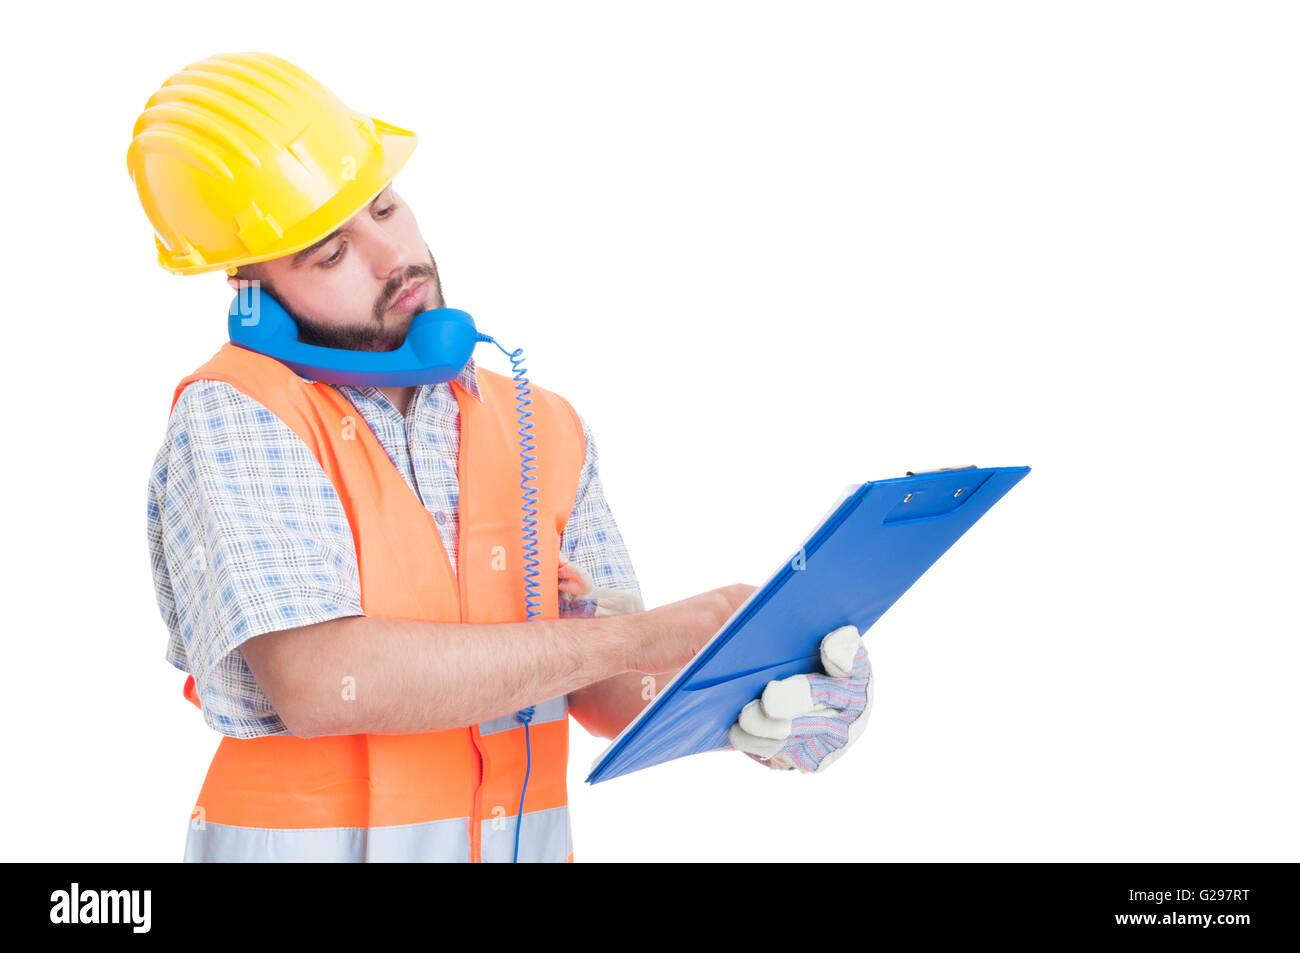 Beschäftigt-Generator mit Telefon mit gedrückter Zwischenablage. Unterstützung oder Hilfe für Bauunternehmen Stockfoto